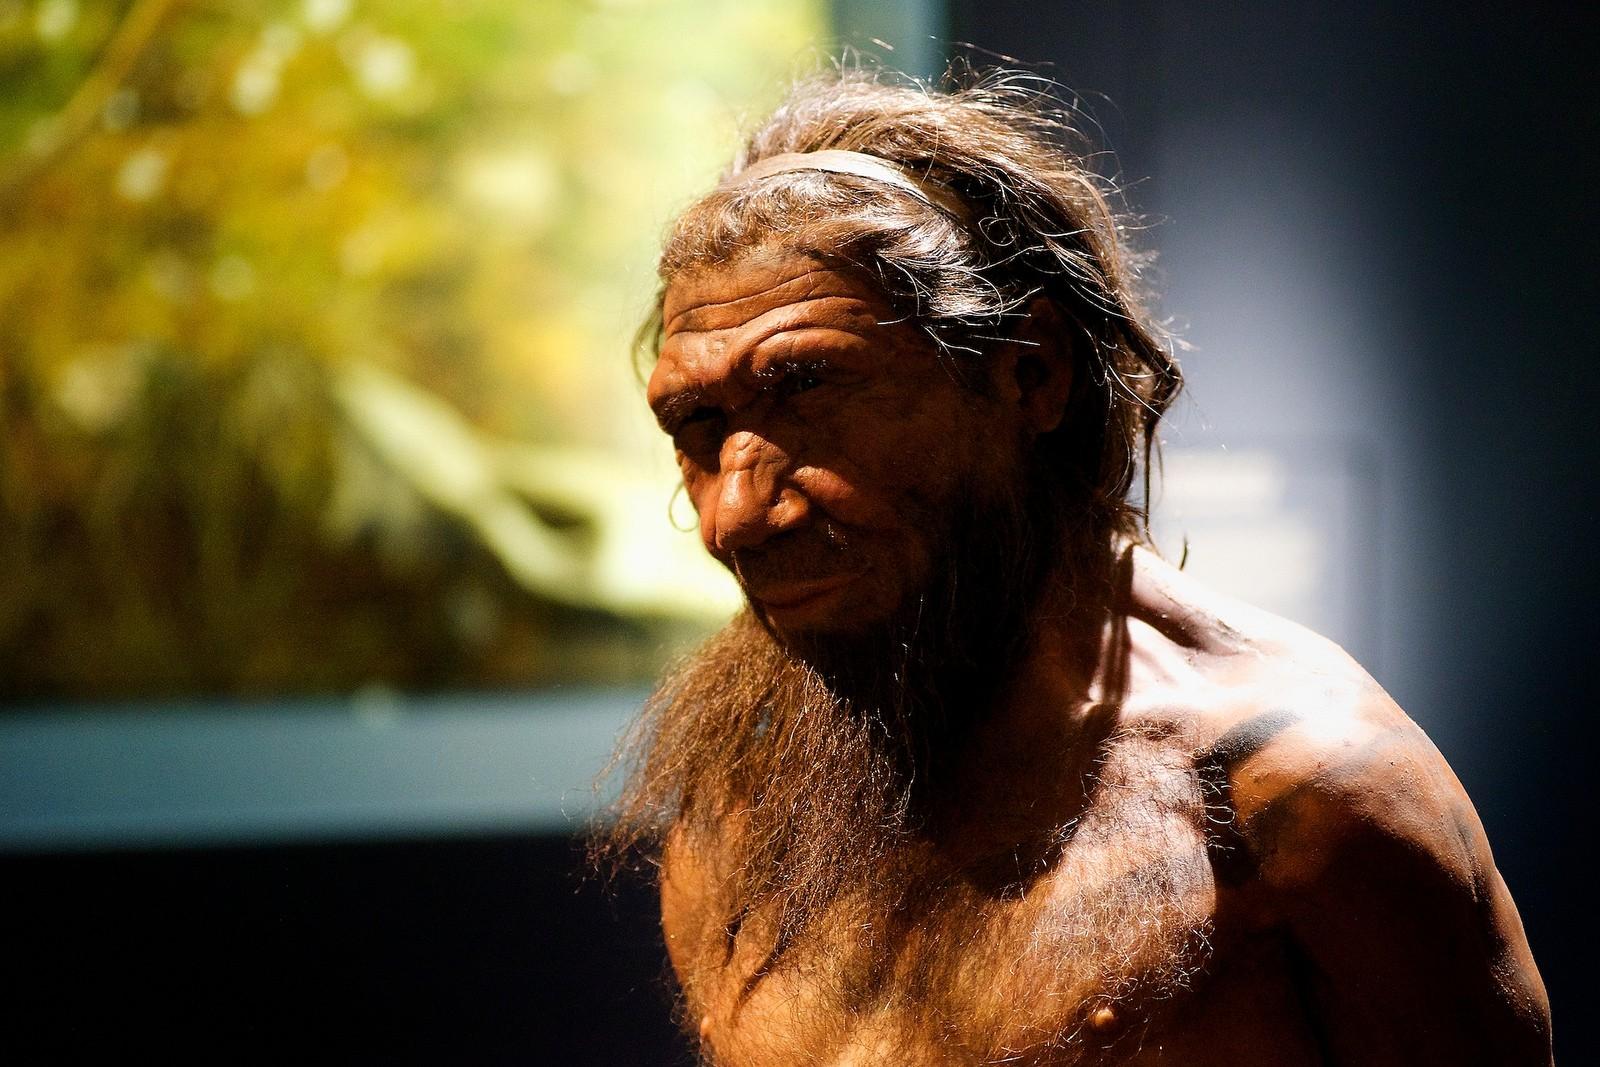 Representação do Homem de Neandertal, exposto no Museu de História Natural, em Londres (Foto: Flickr/Paul Hudson/Creative Commons)